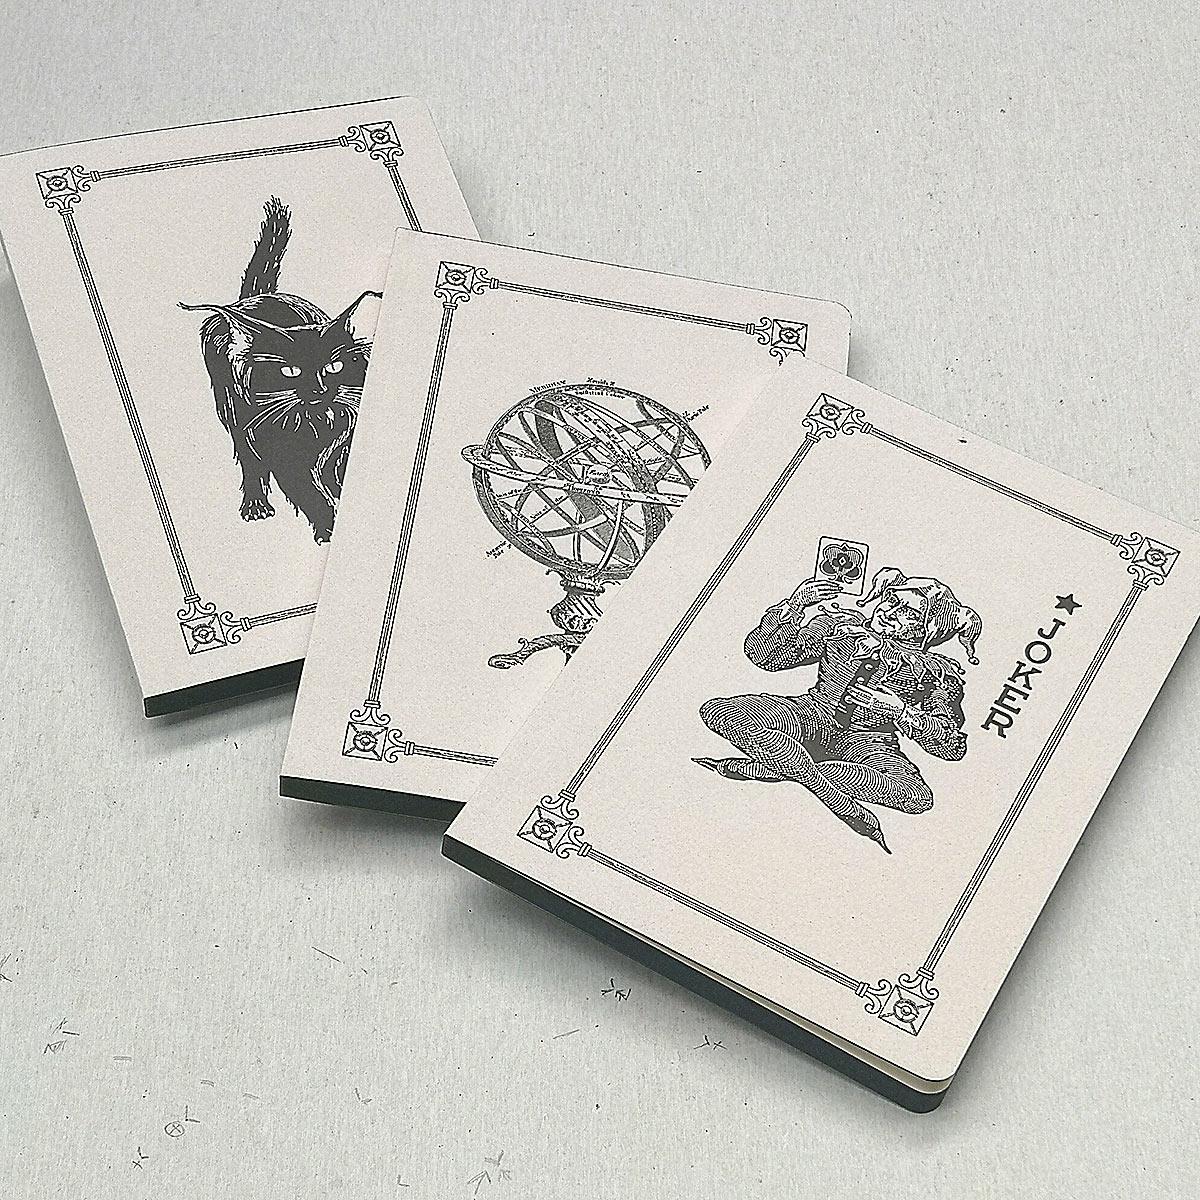 Diari e taccuini personalizzati con disegni originali